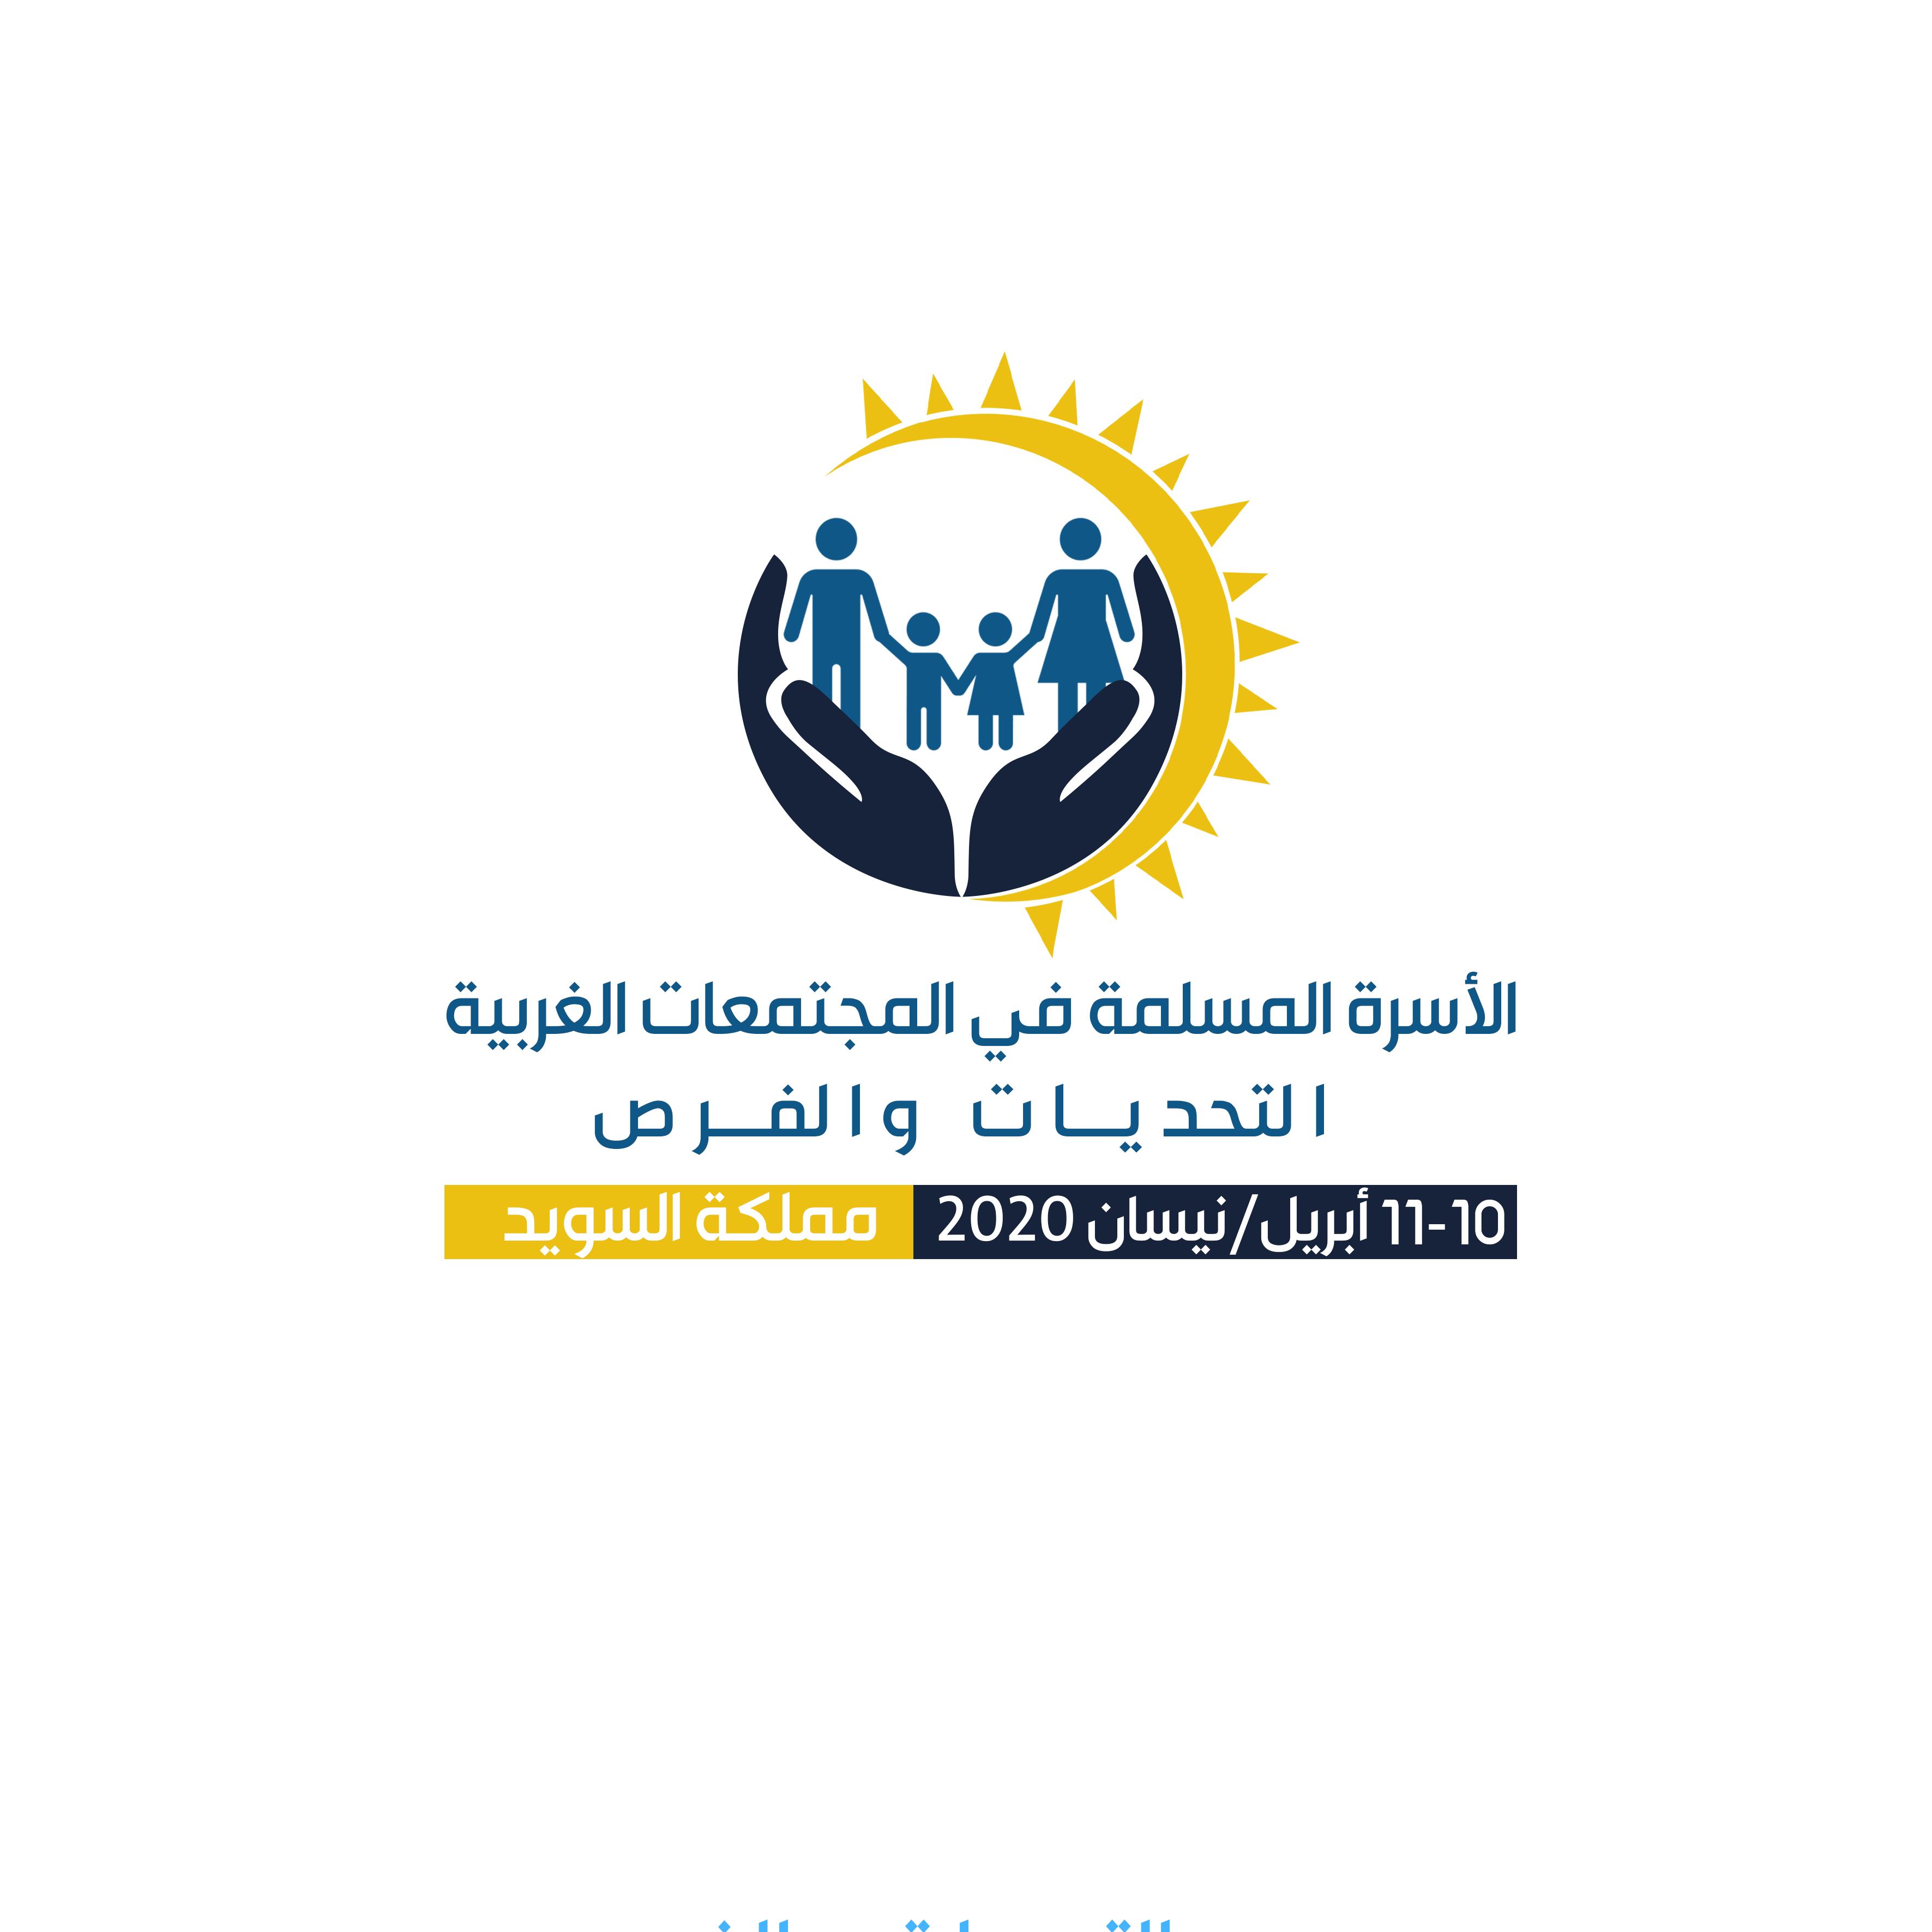 ورقة المؤتمر الدولي الرابع: الأسرة المسلمة في المجتمعات الغربية: الفرص والتحديات بمملكة السويد